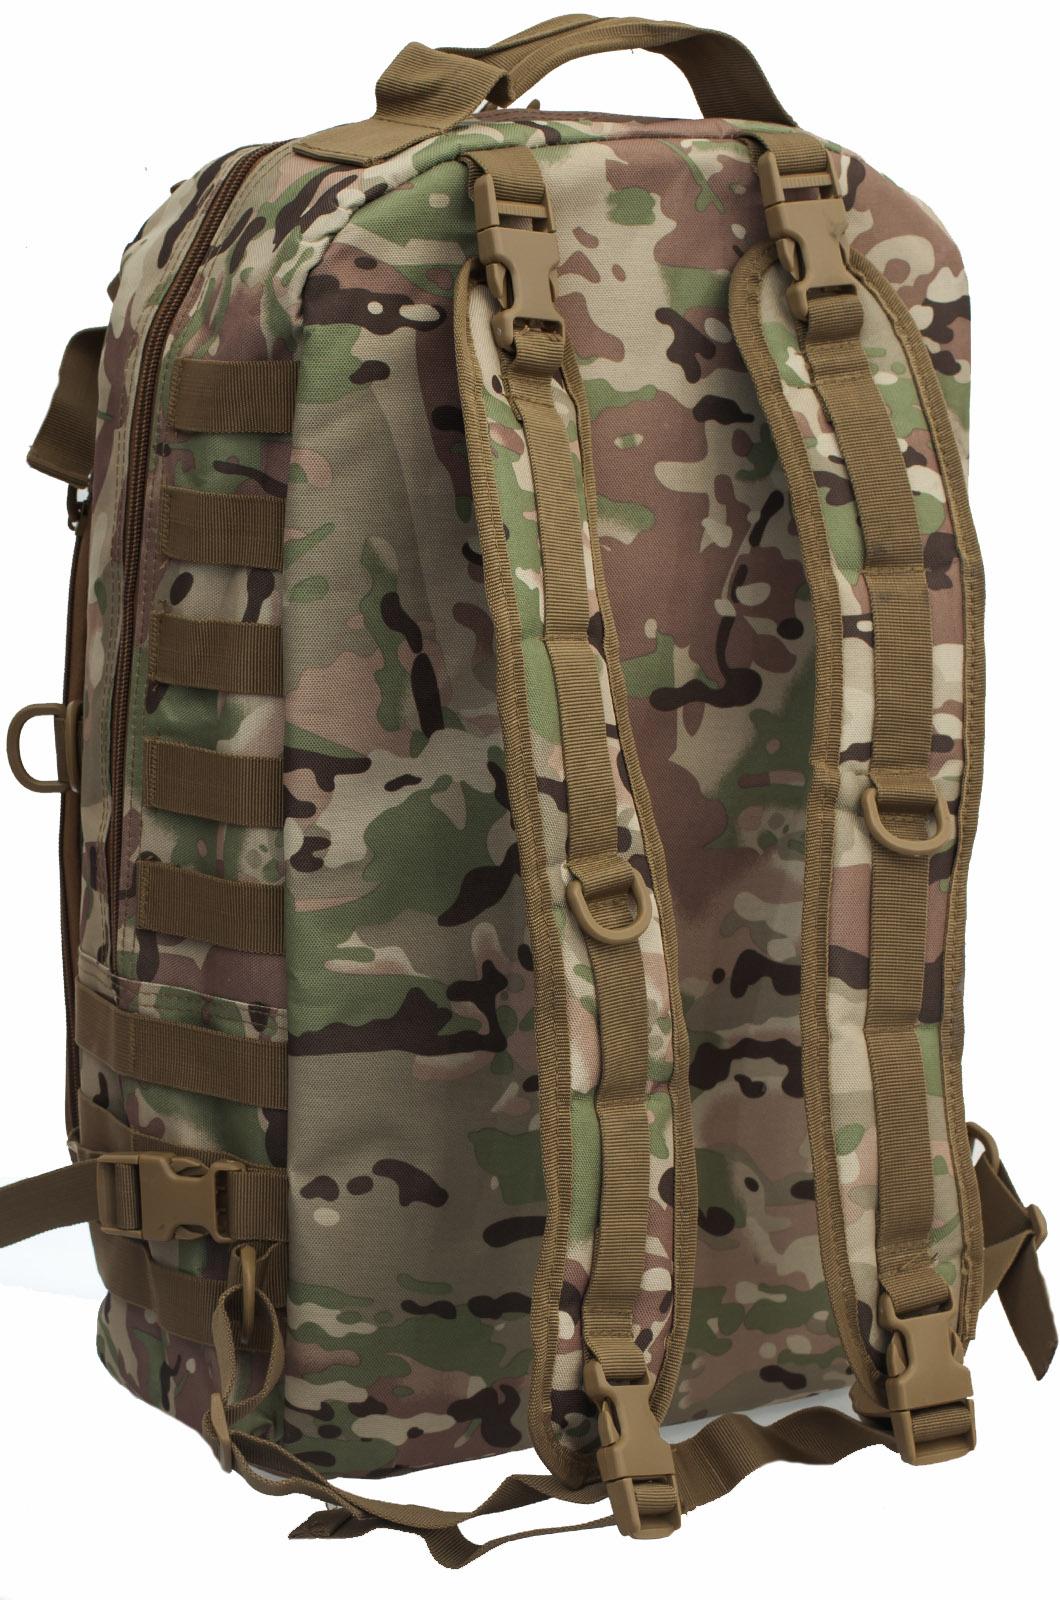 Тактический камуфляжный рюкзак Погранслужба - заказать по выгодной цене